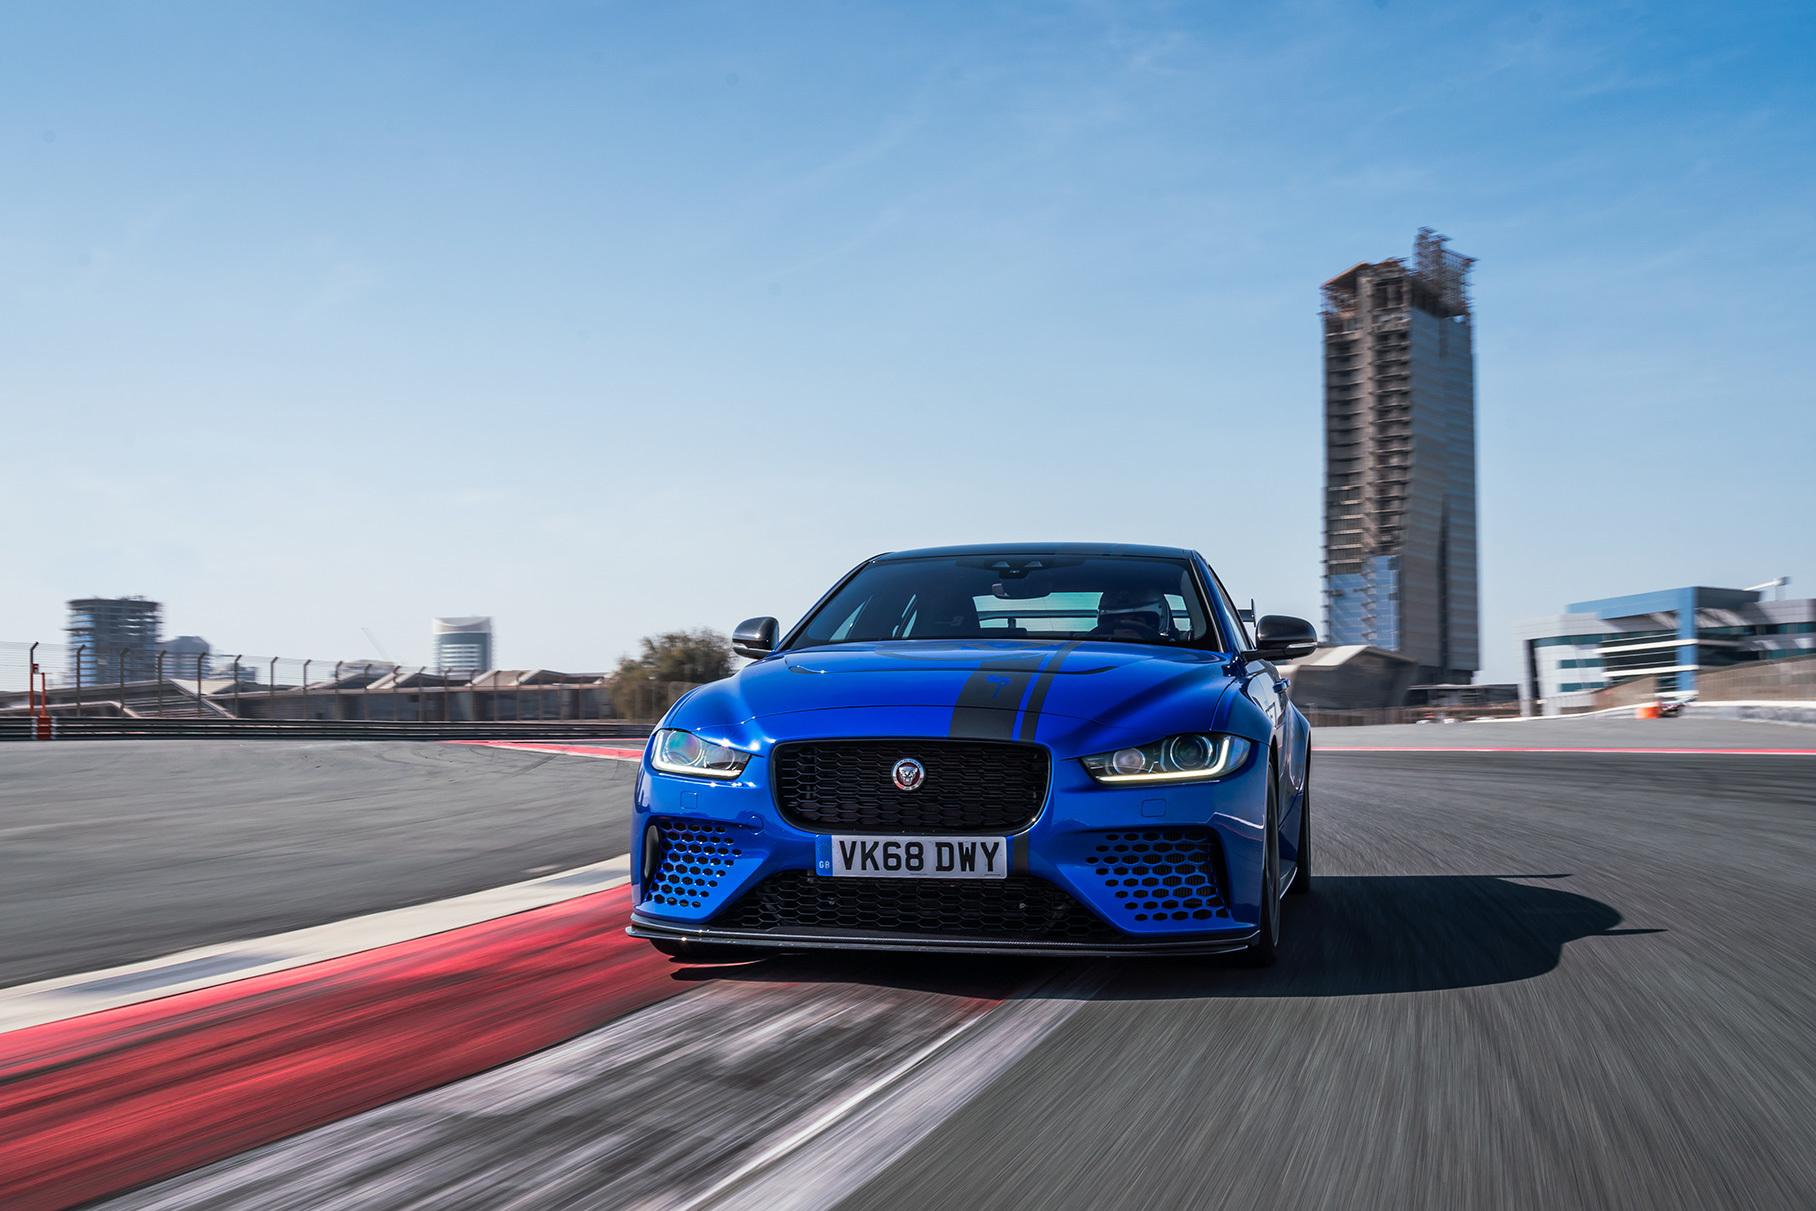 Видео: 600-сильный Jaguar XE устанавливает рекорд трека в Дубае